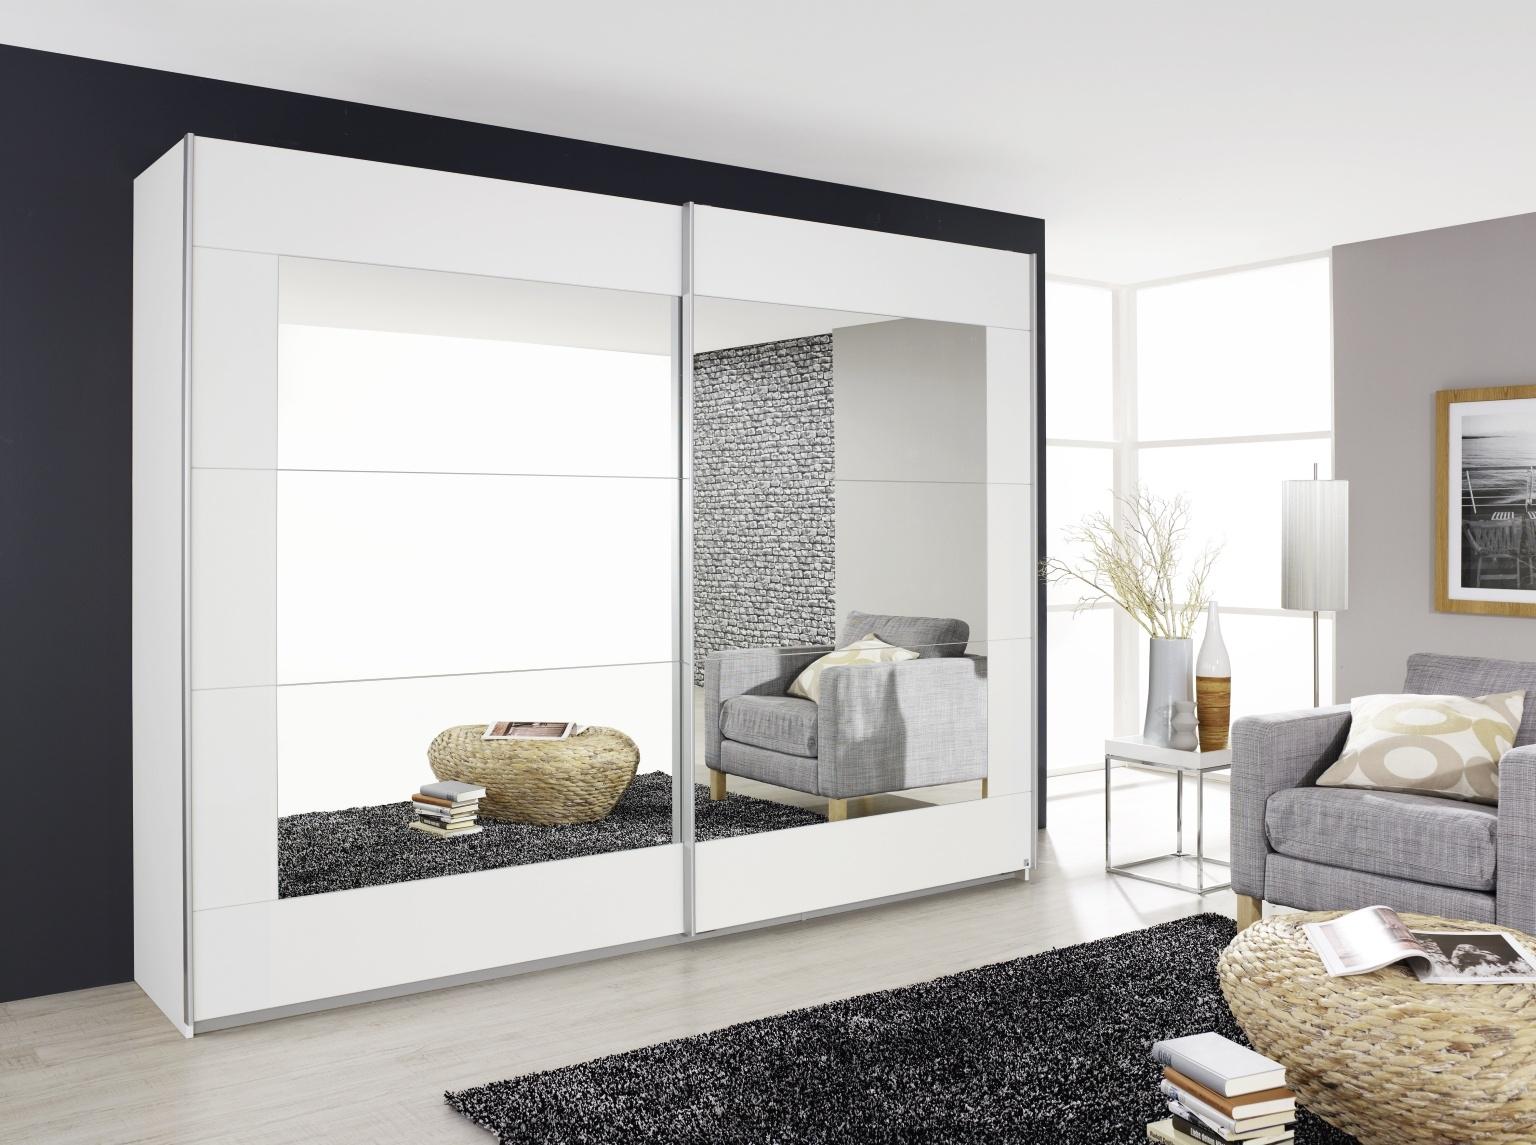 Rauch Alegro 2 Door Sliding Wardrobe in White - W 226cm